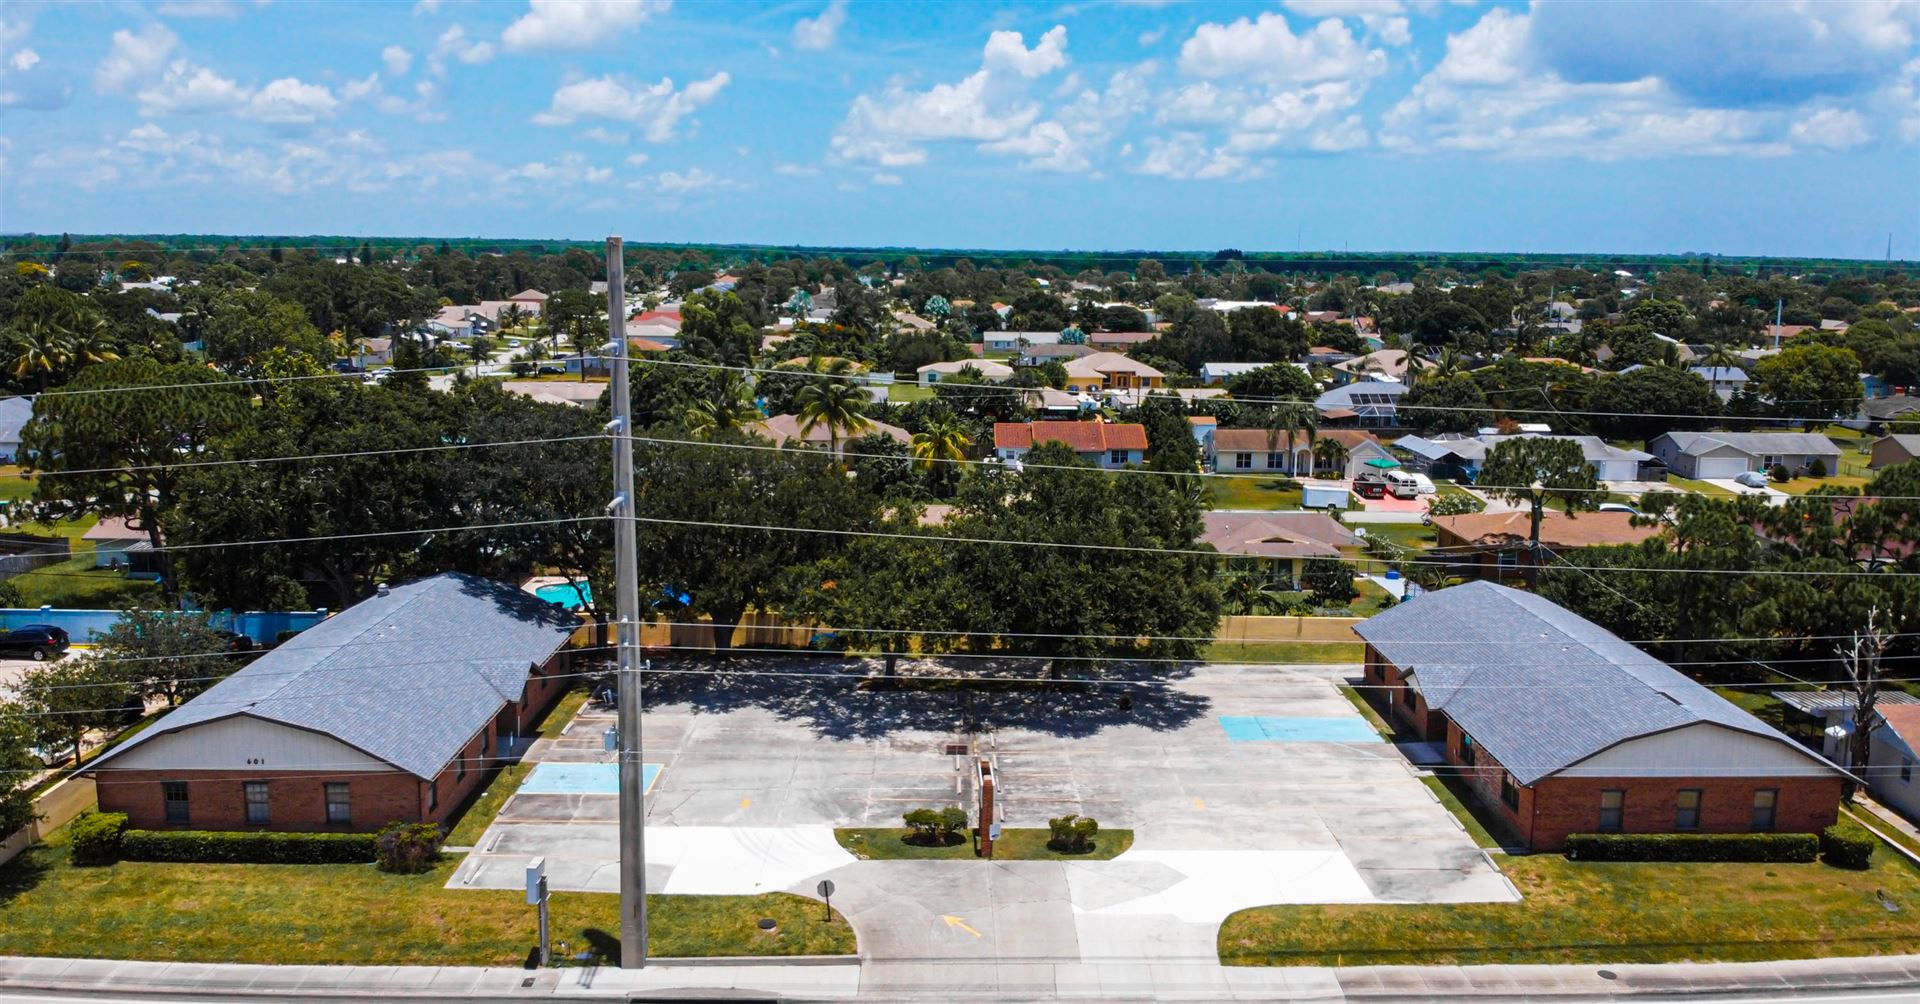 Photo of 601 SE Port St Lucie Boulevard, Port Saint Lucie, FL 34984 (MLS # RX-10704418)